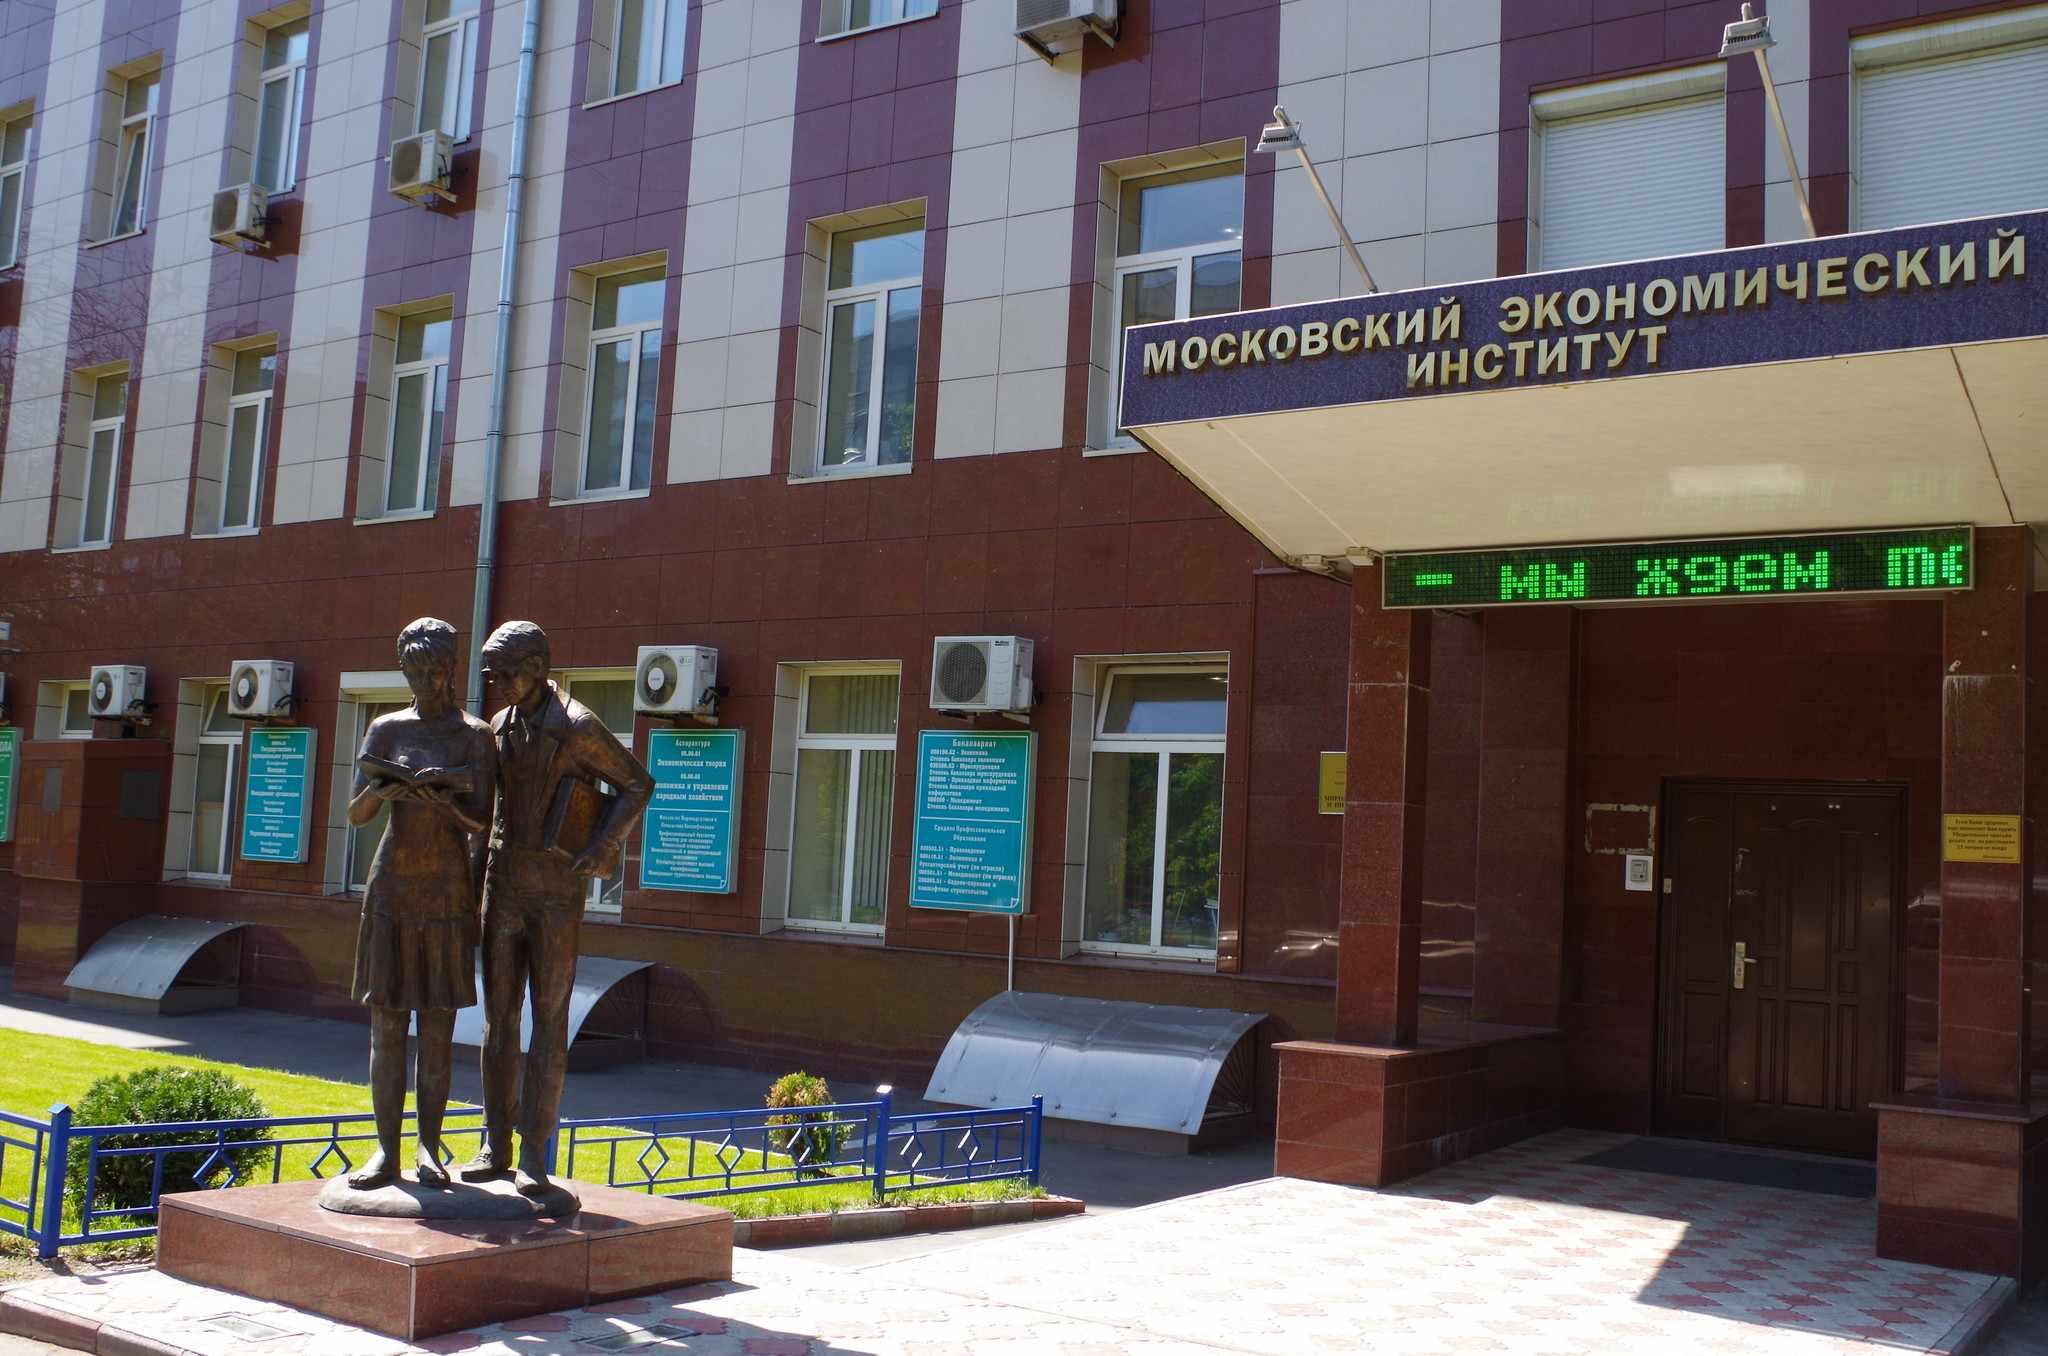 Московский экономический институт (МЭИ) – негосударственный вуз, предоставляющий возможность получить качественное высшее образование и диплом государственного образца